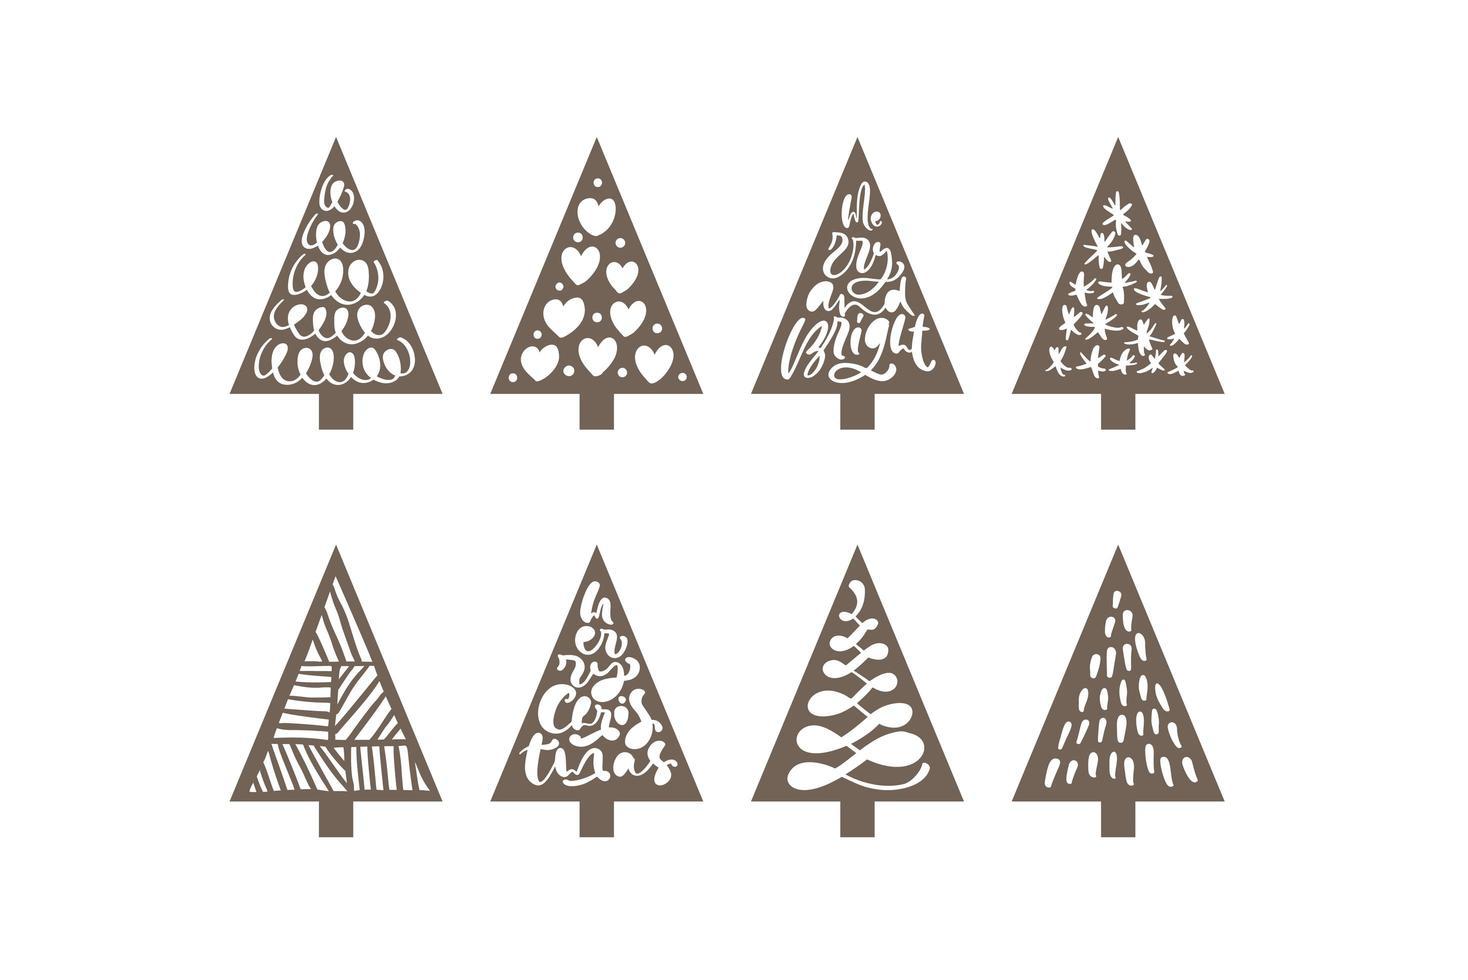 conjunto de árbol de navidad conjunto de corte láser vector